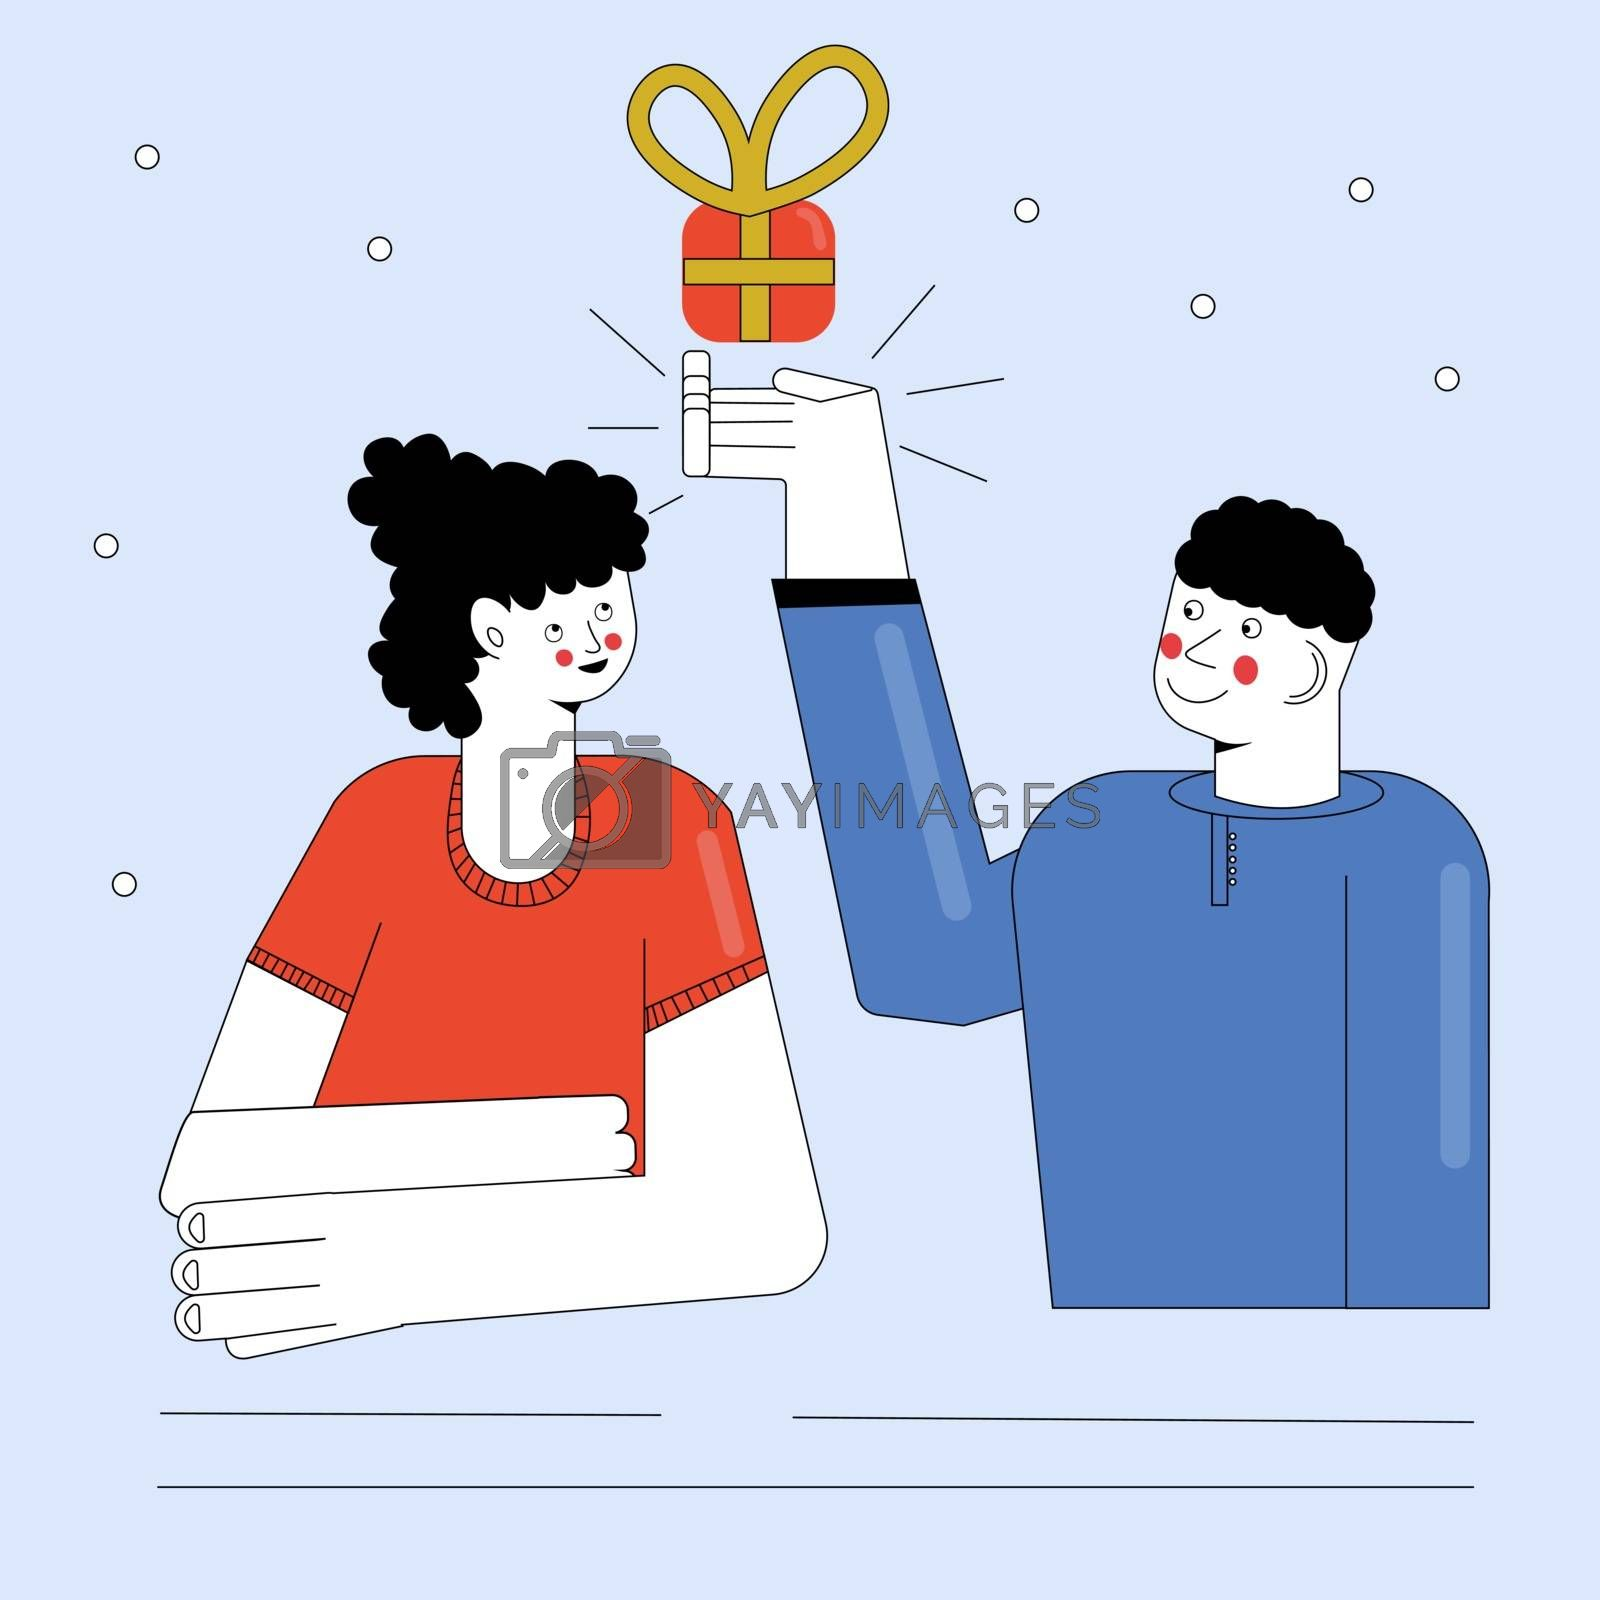 cartoon boy giving girl a gift box with heart vector